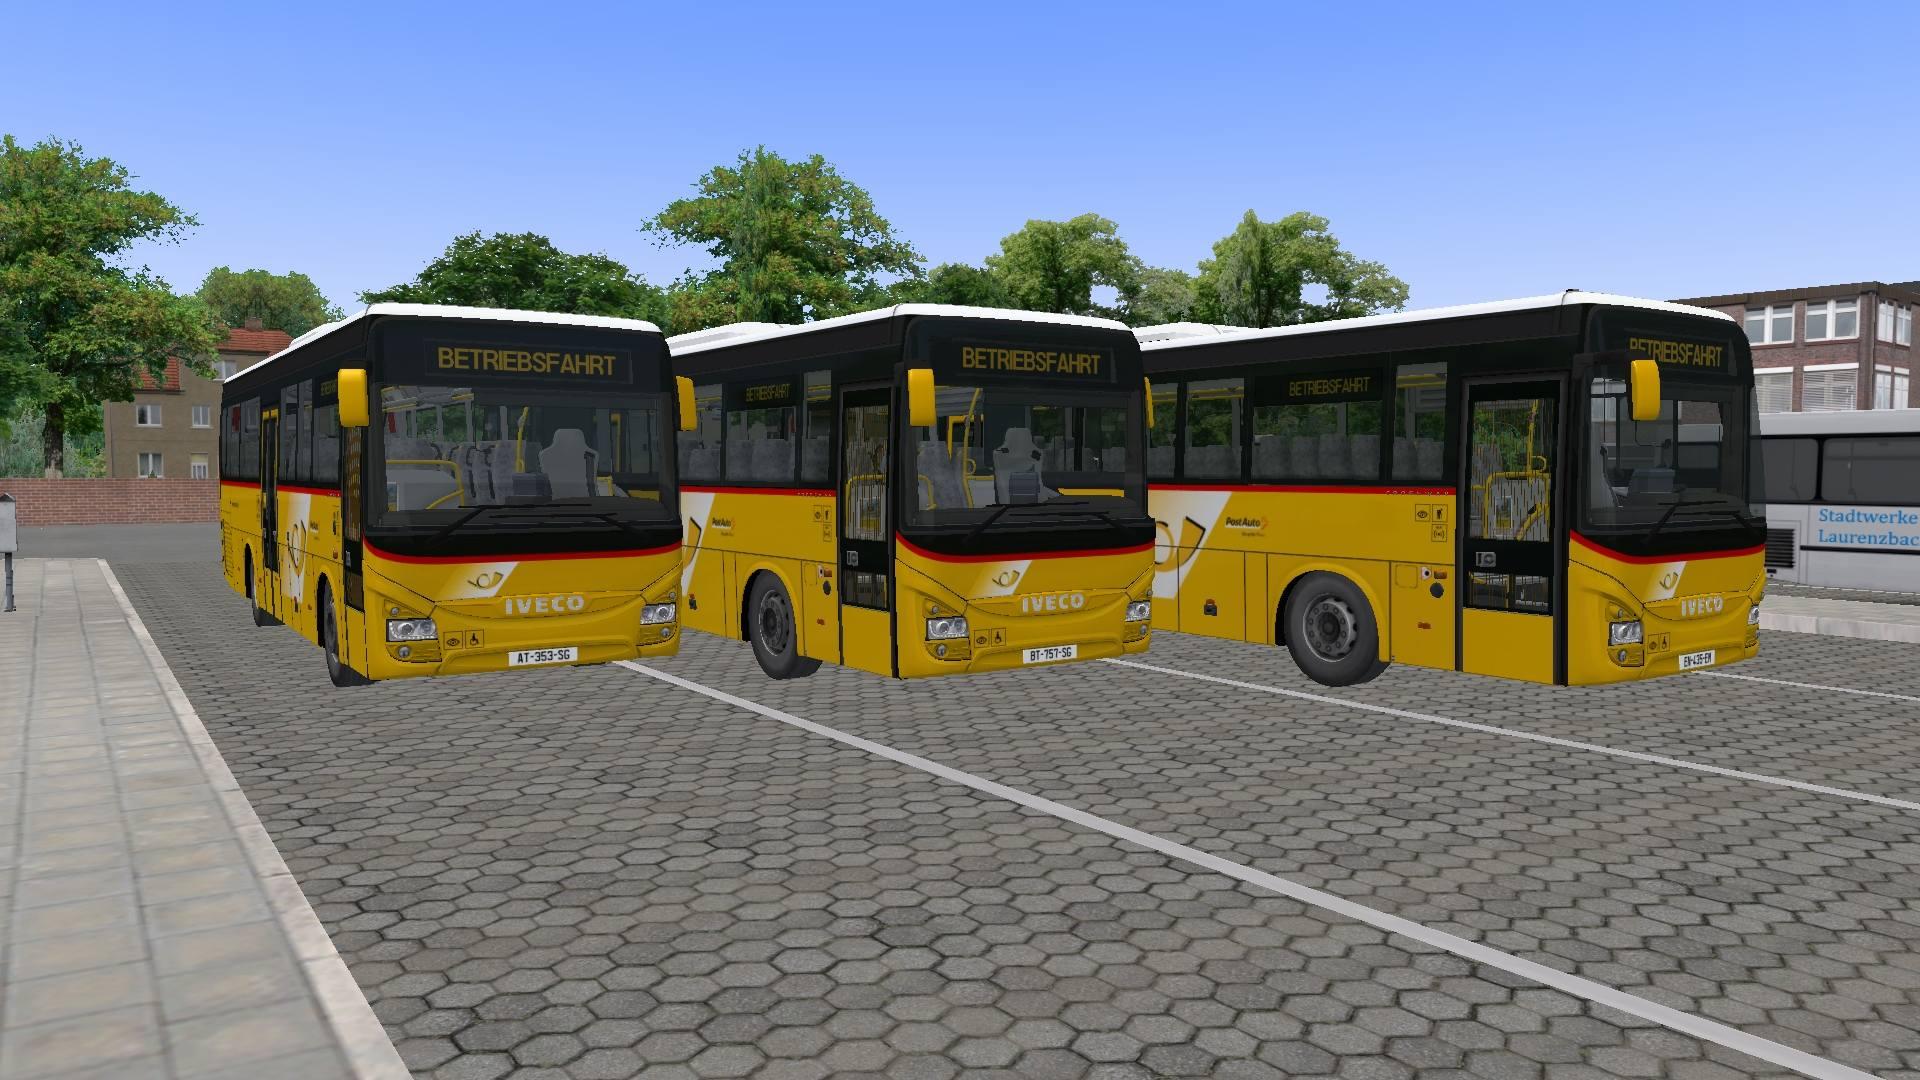 87448-omsi2-20210710-153423-autoscaled-jpg